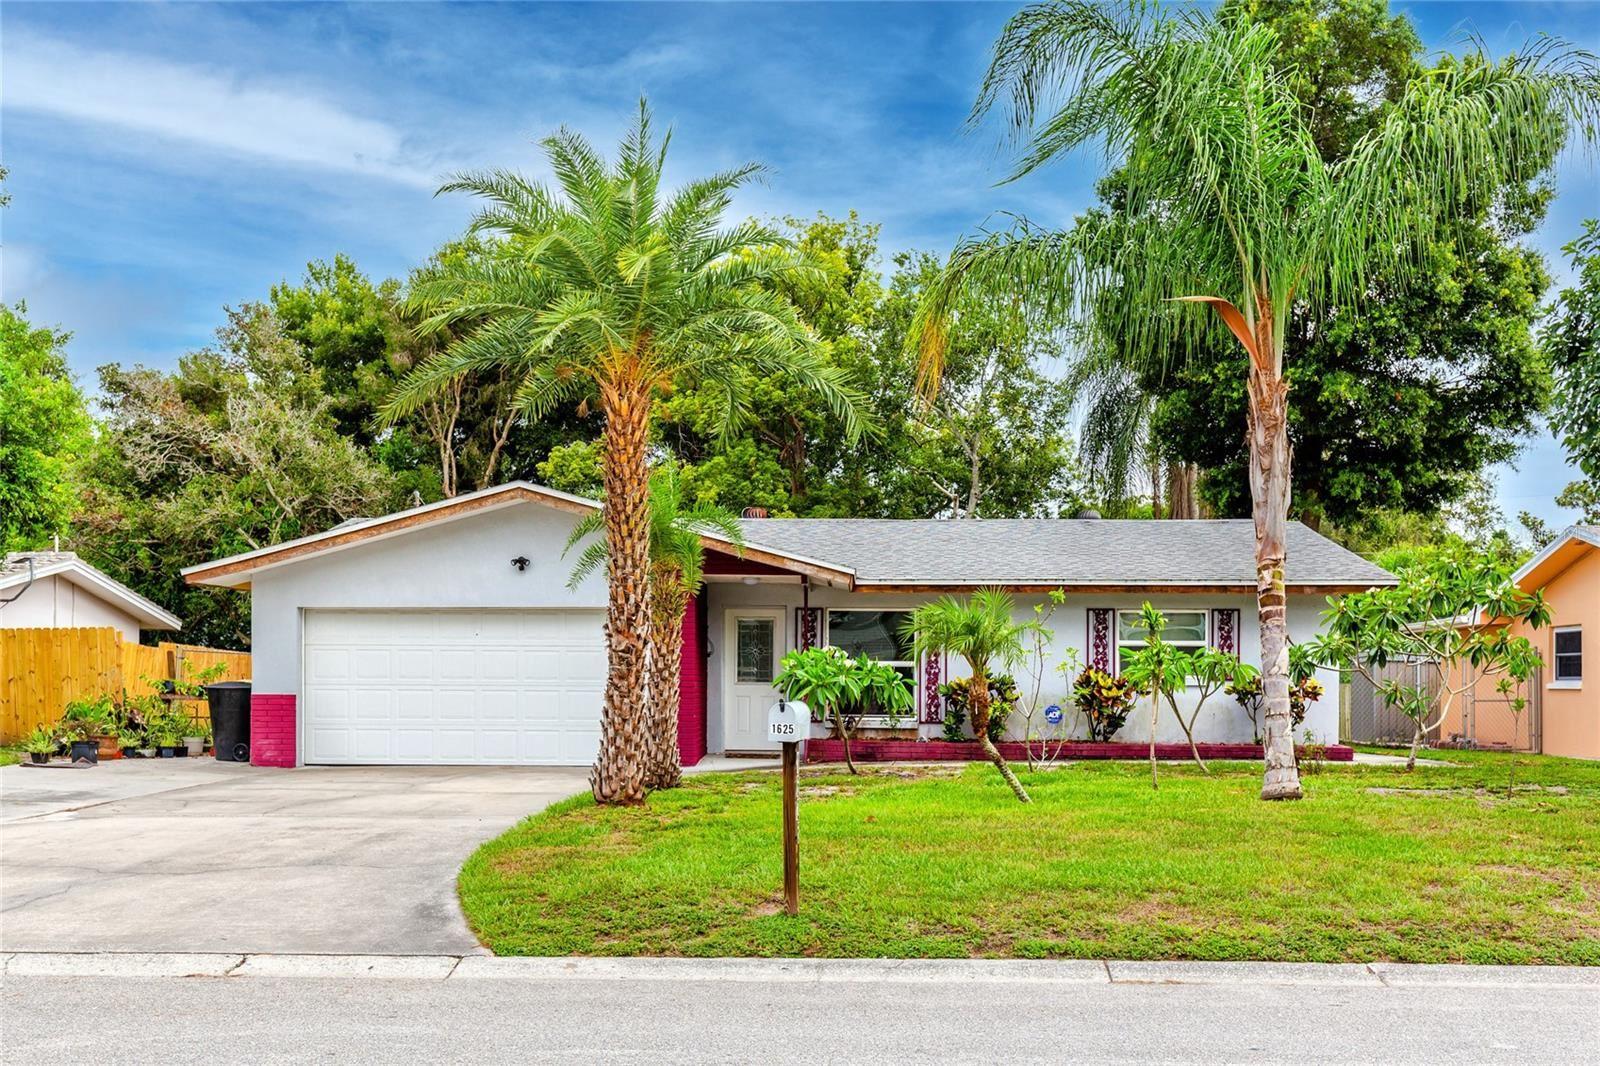 1625 JEFFORDS STREET, Clearwater, FL 33756 - MLS#: U8126964